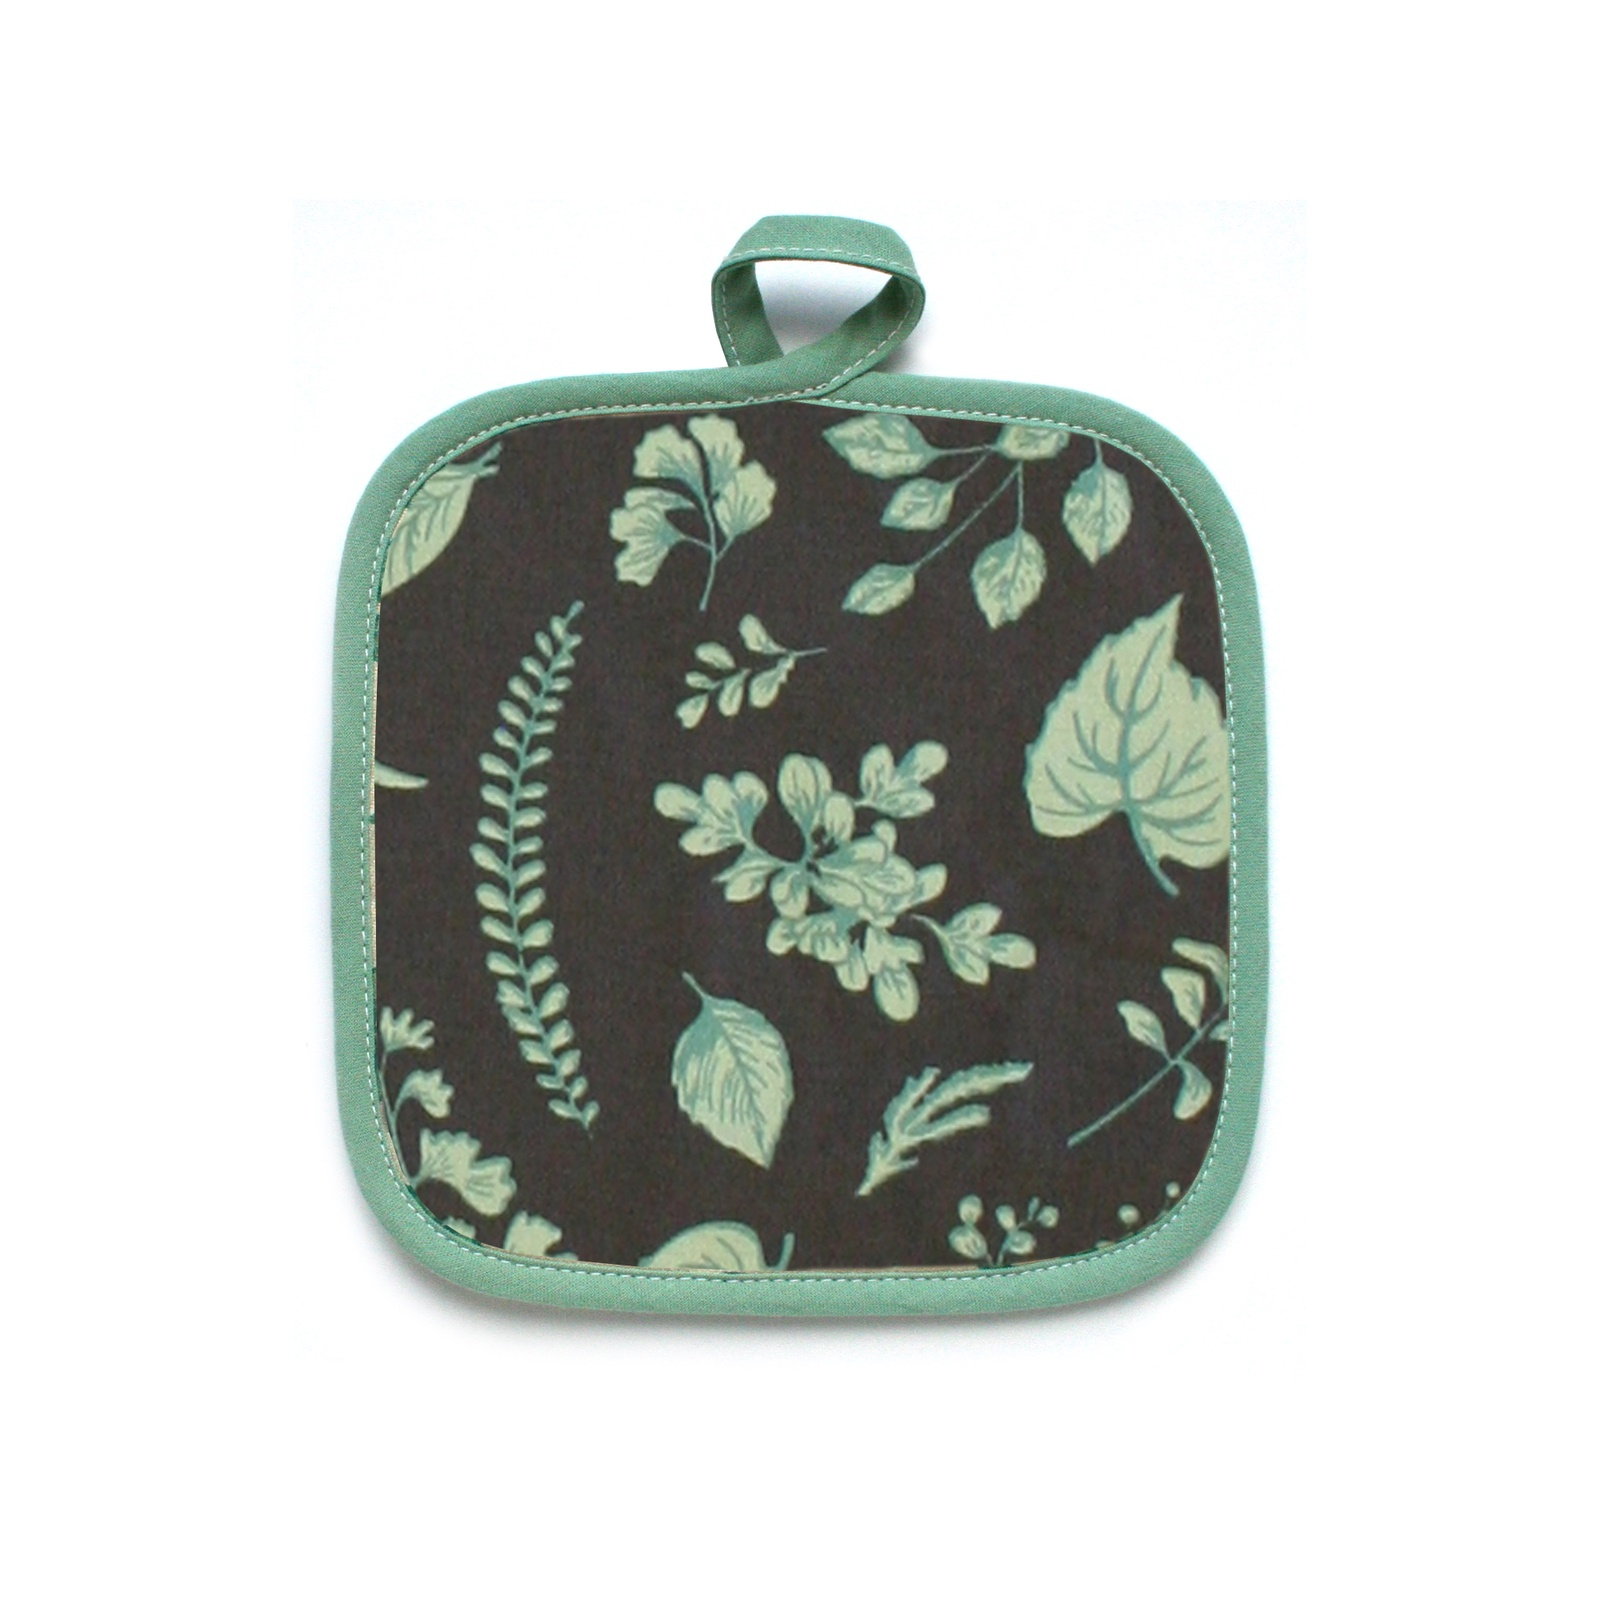 Прихватка Bonita Ботаника, 15010818033, черный, зеленый, 18 х 18 см фартук кухонный bonita ботаника 14010818037 черный зеленый 65 х 75 см